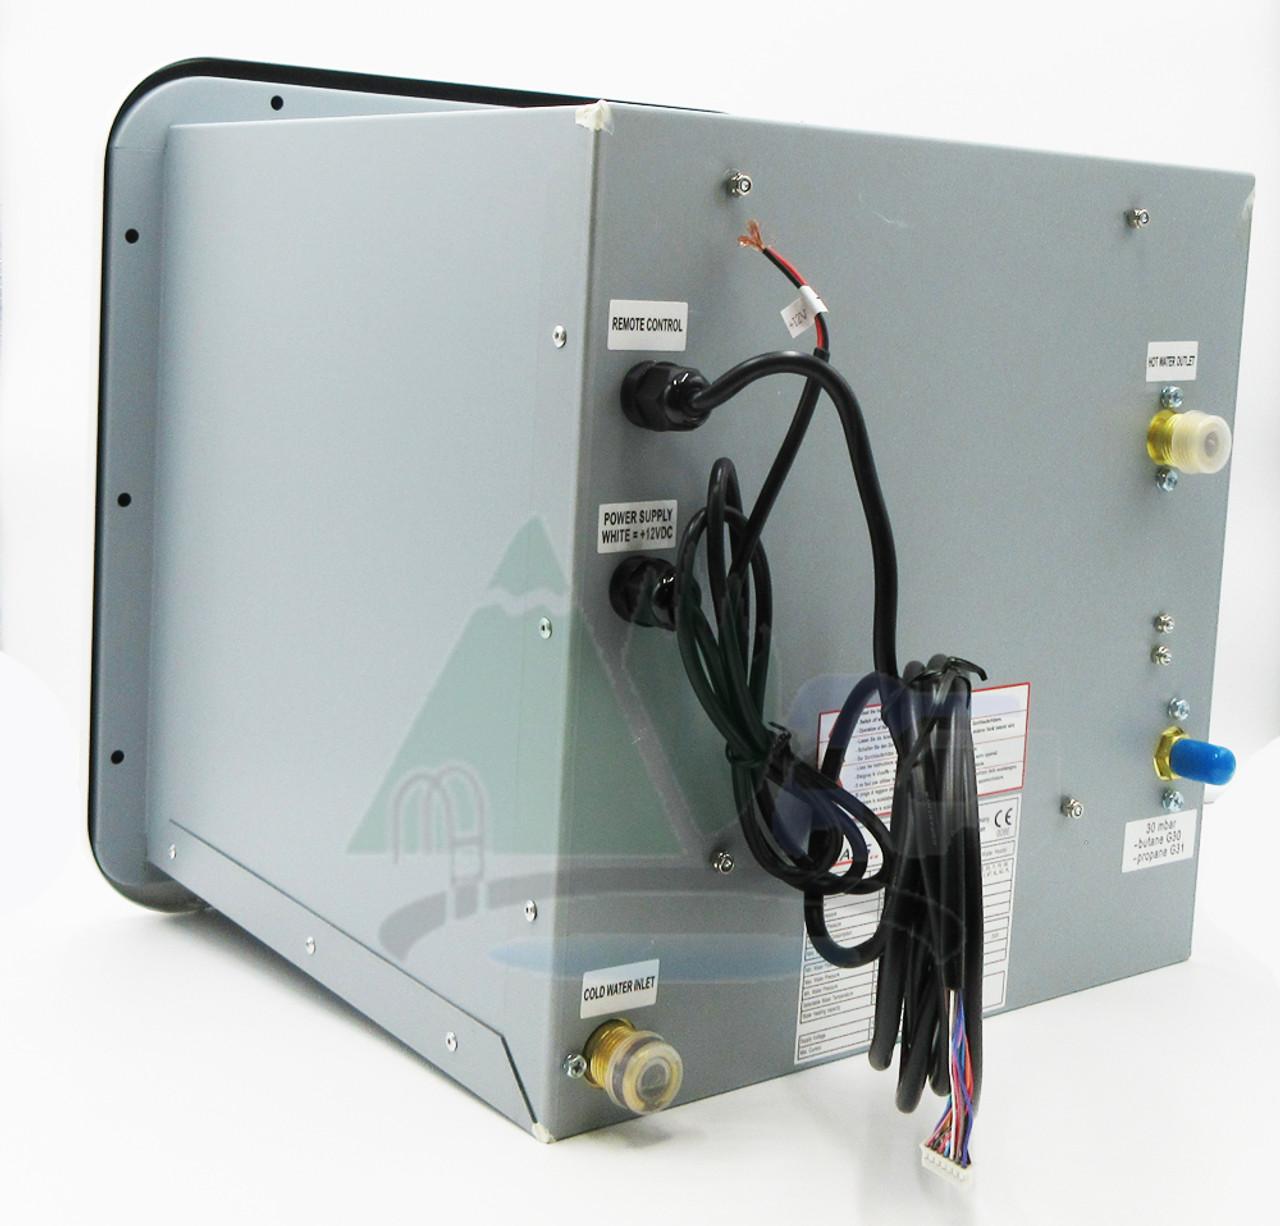 IMASS Instant Hot Water Heater for Caravan, Campervan or Motorhome